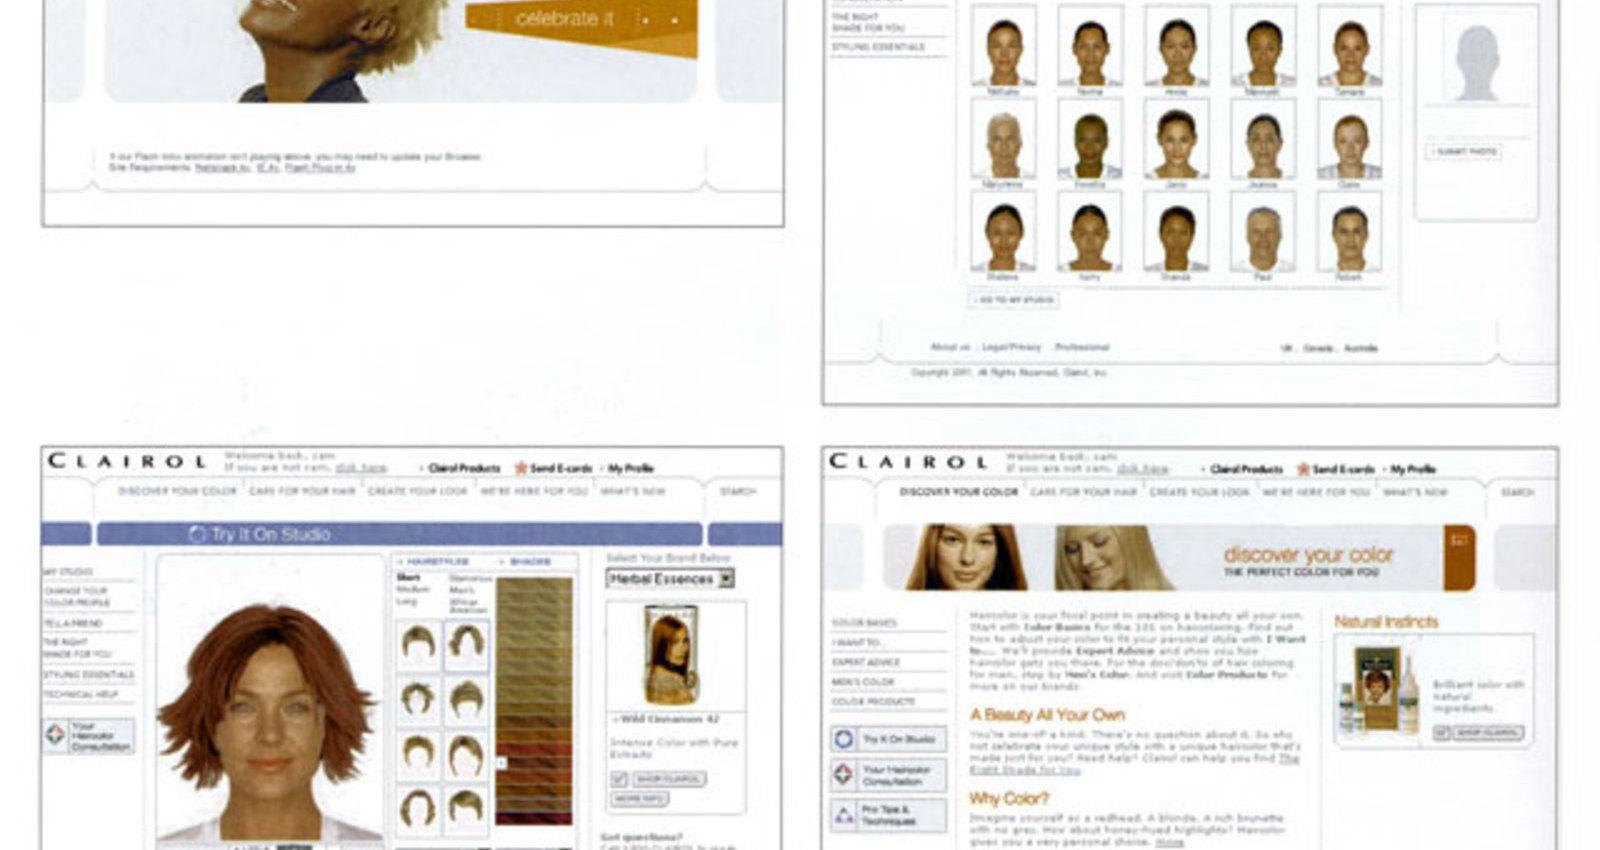 Clairol.com Site Redesign